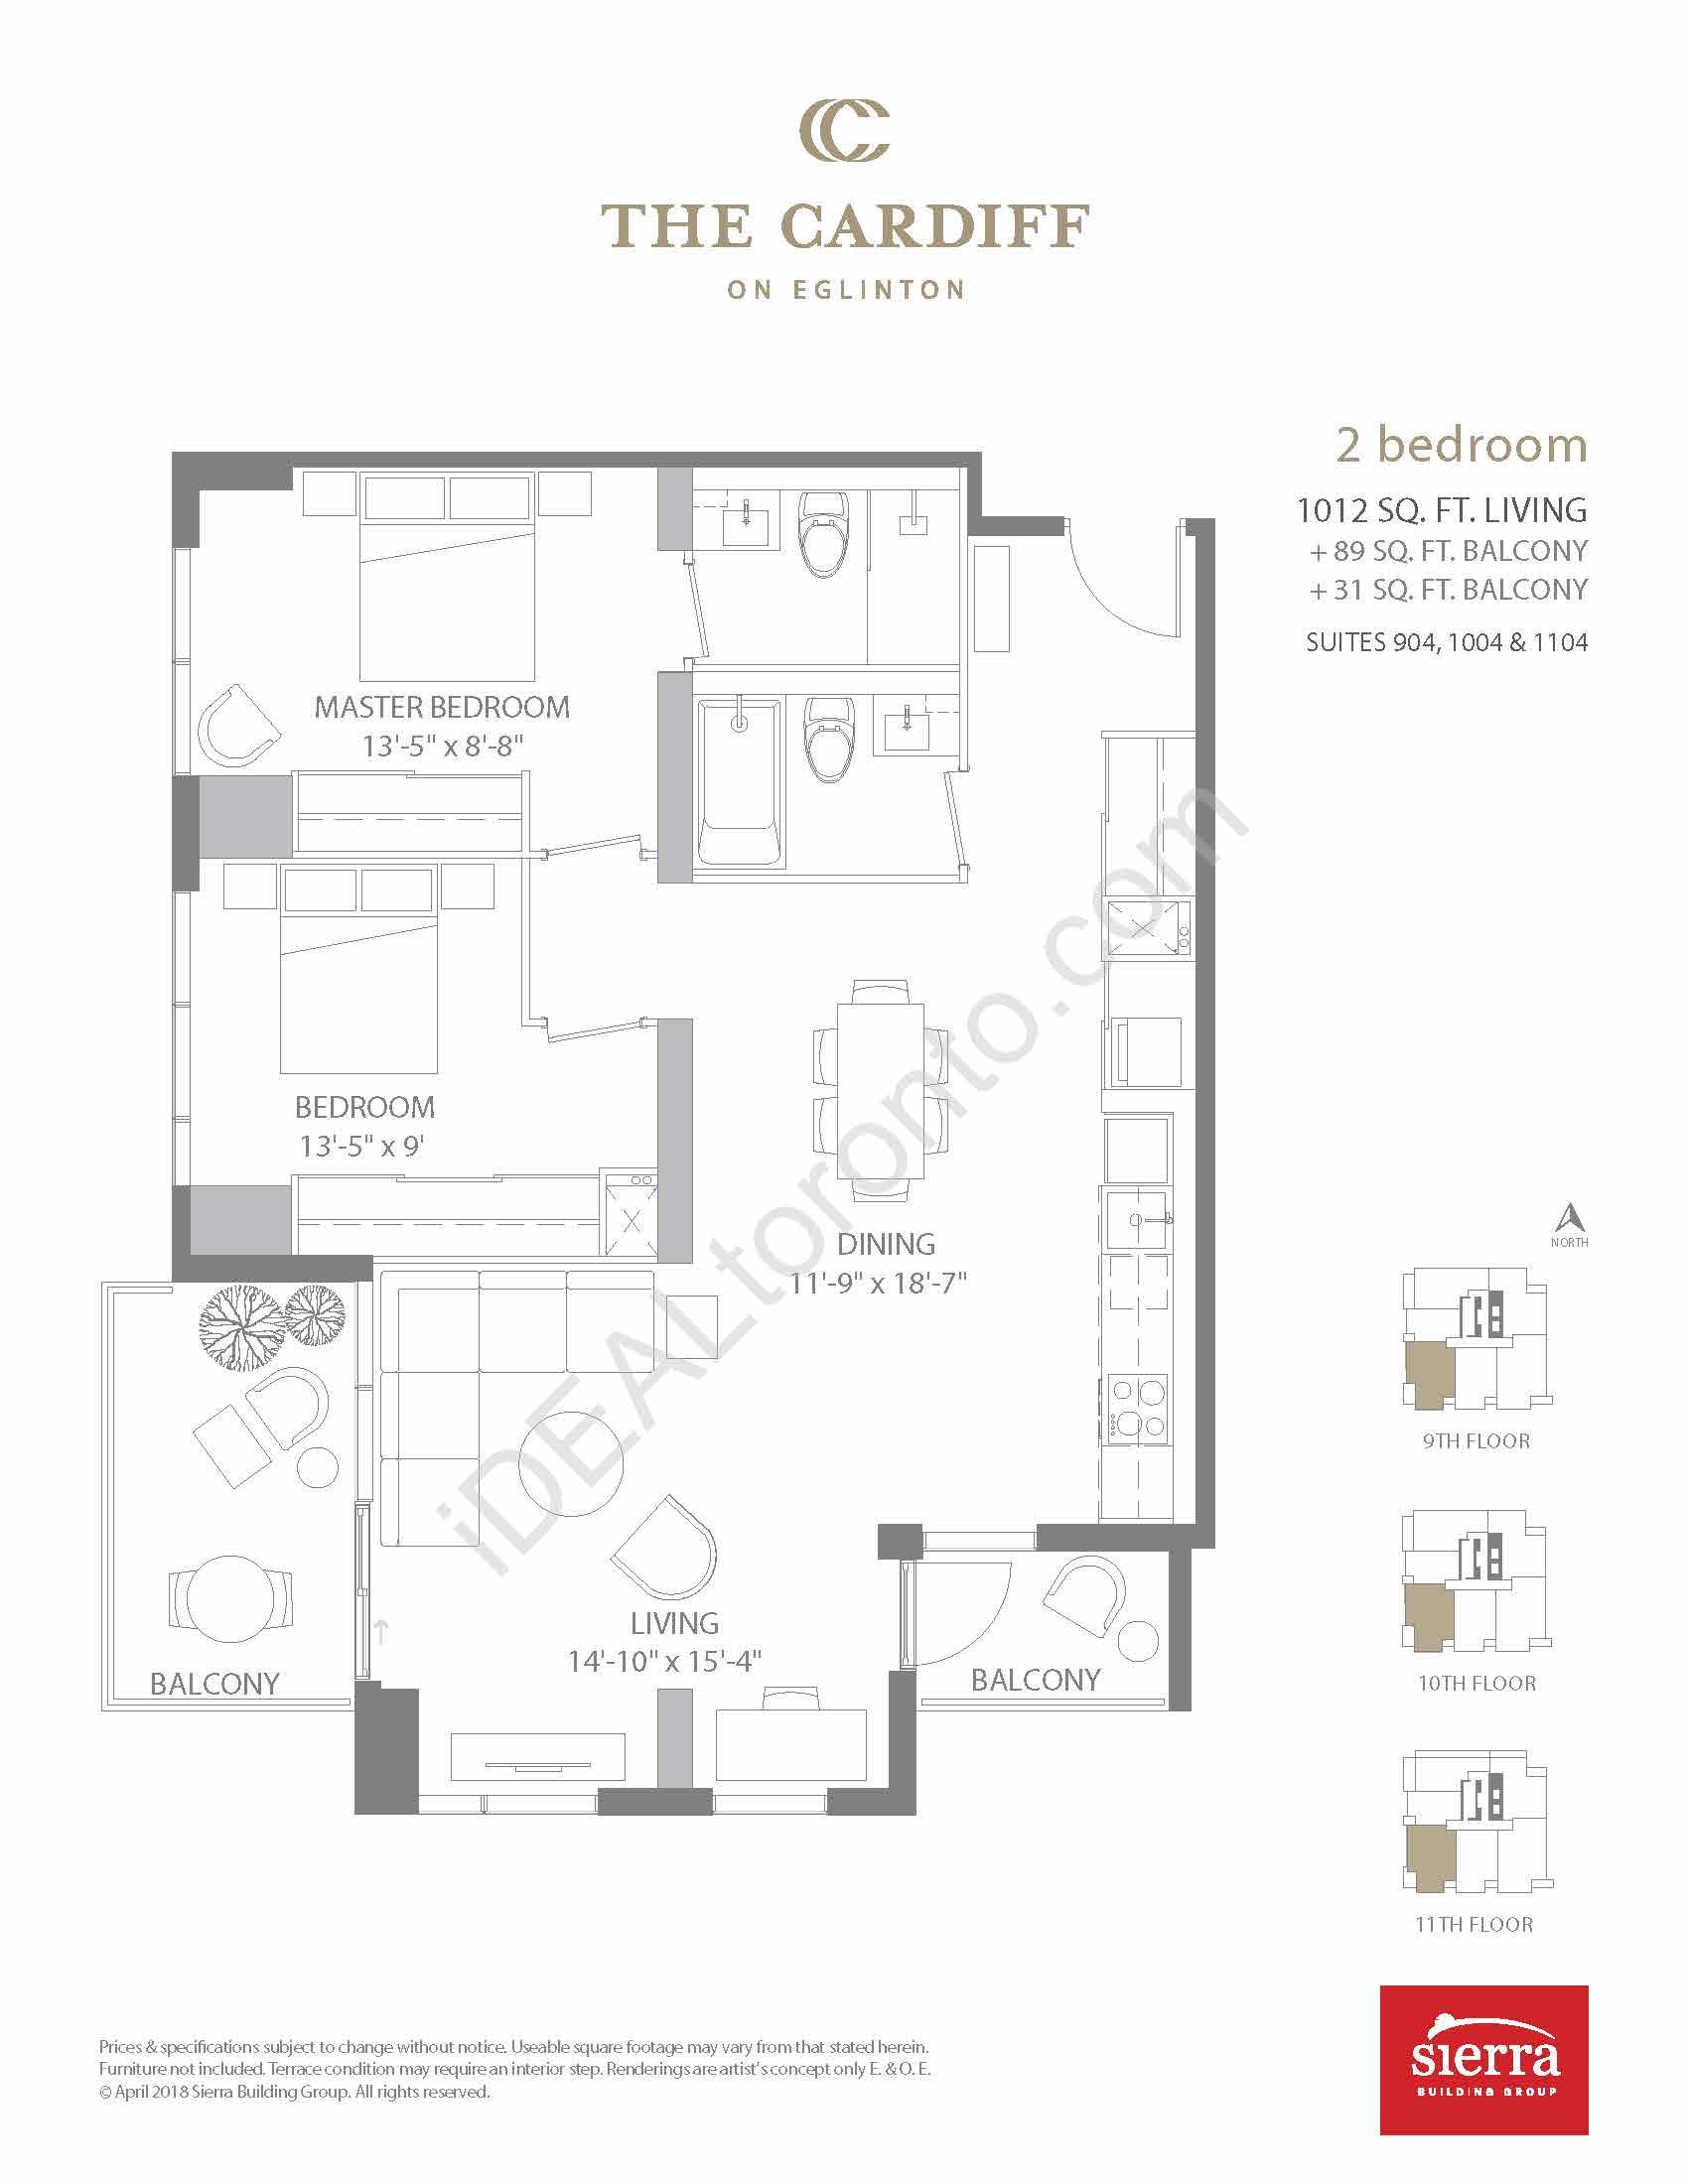 2 Bedroom + 2 Balconies